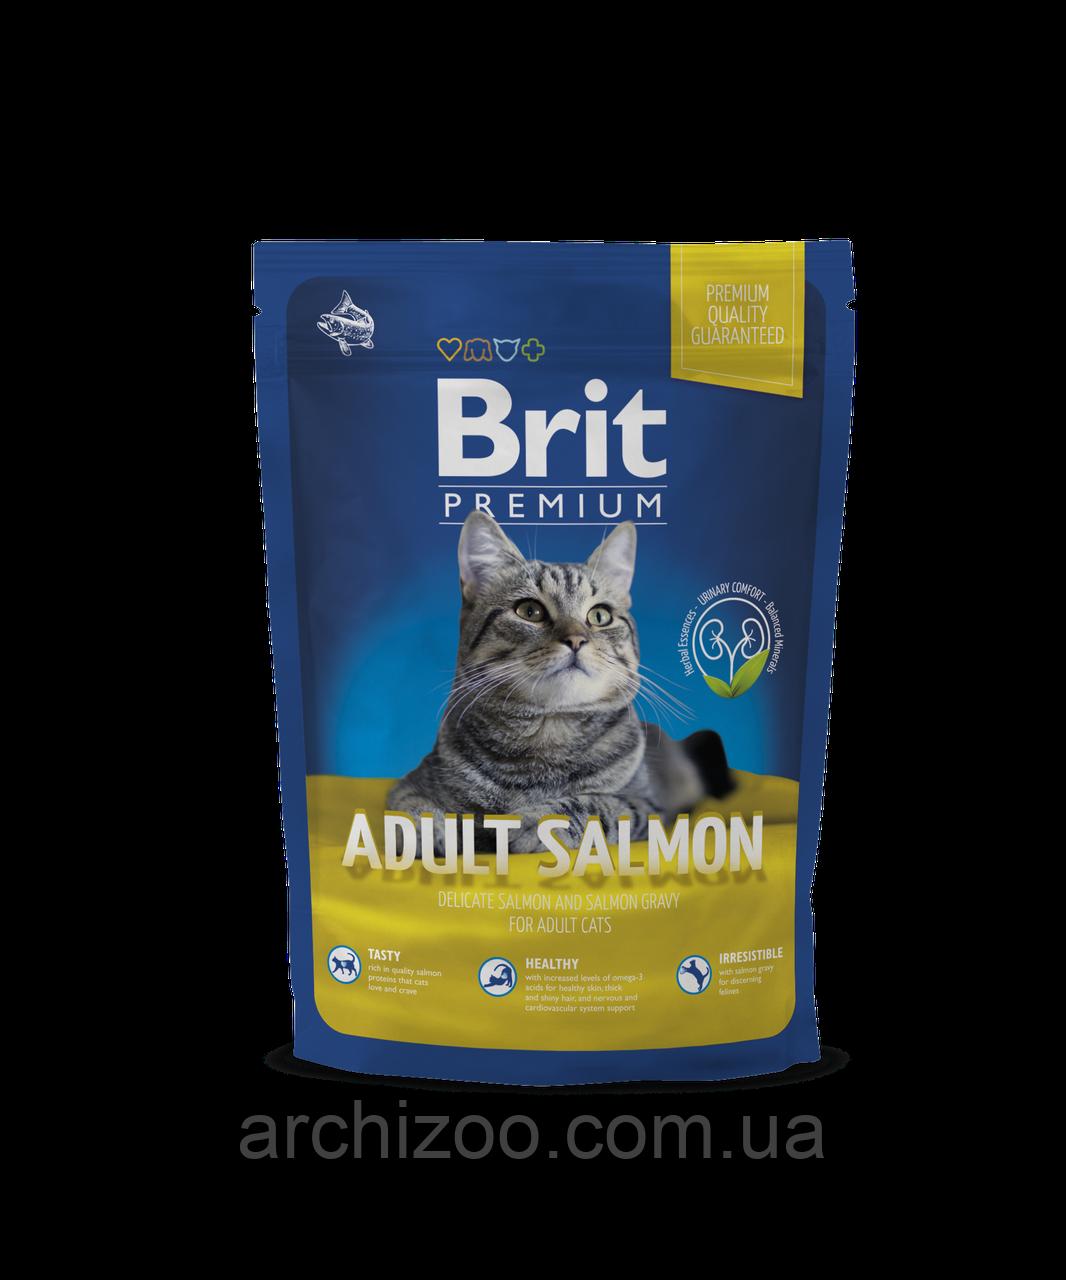 Brit Premium Cat Adult Salmon корм для взрослых кошек с лососем, 300 г